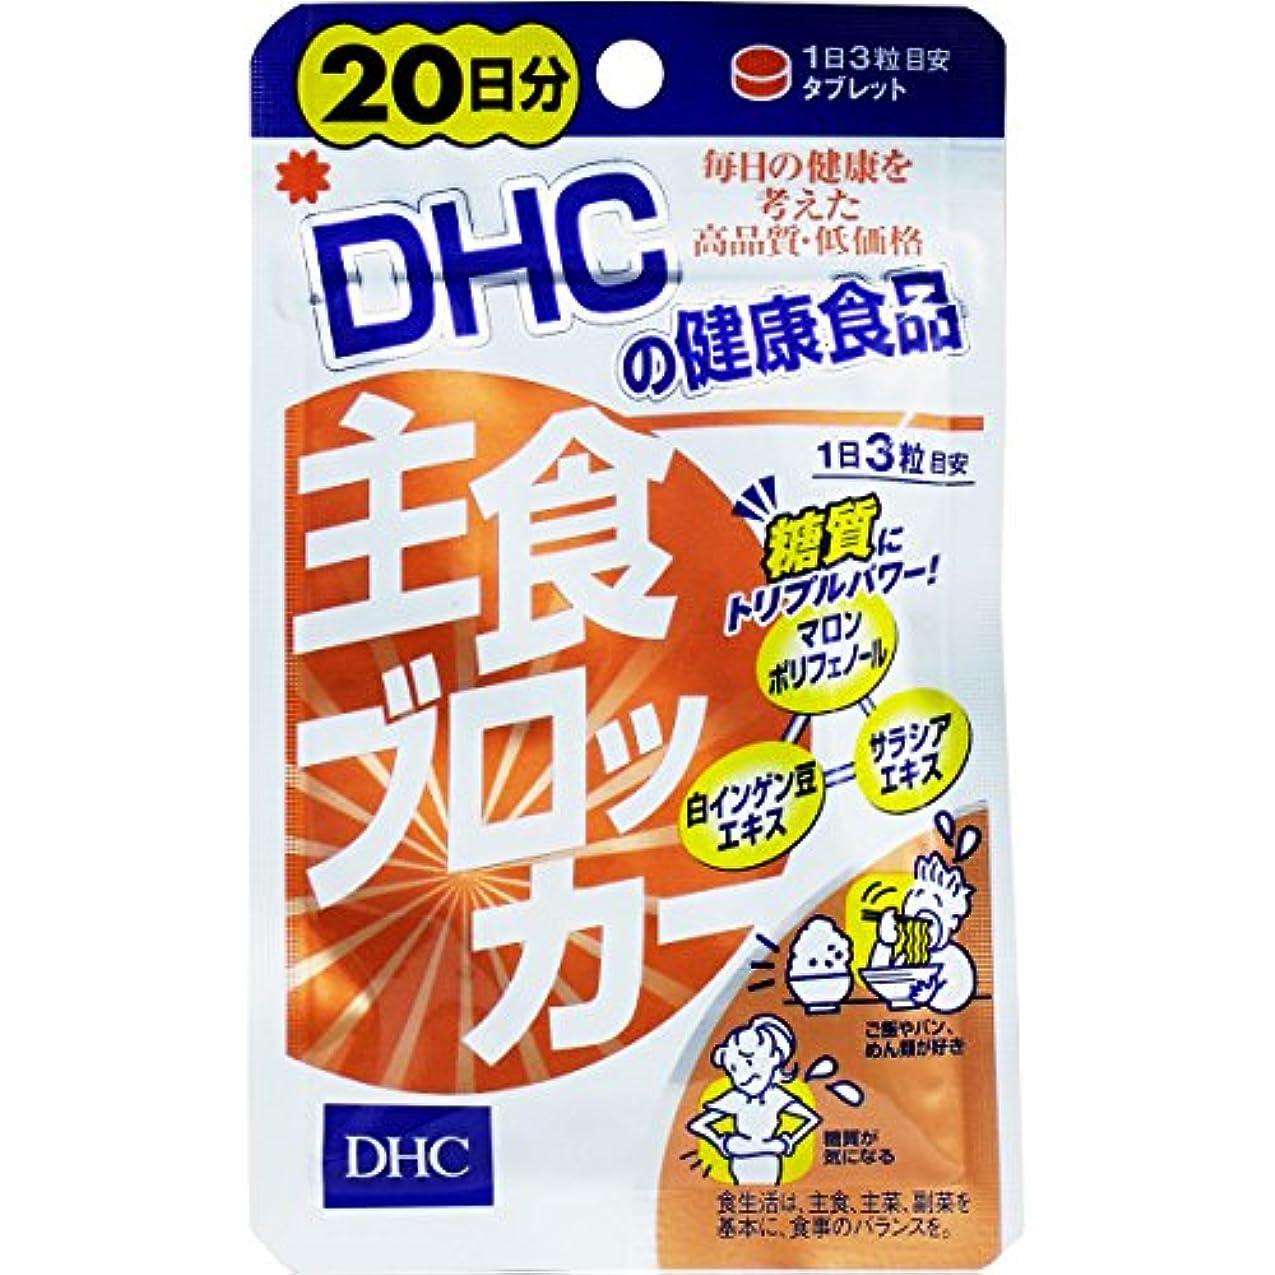 常識愚かアミューズダイエット トリプルパワーでため込み対策 栄養機能食品 DHC 主食ブロッカー 20日分 60粒入【2個セット】